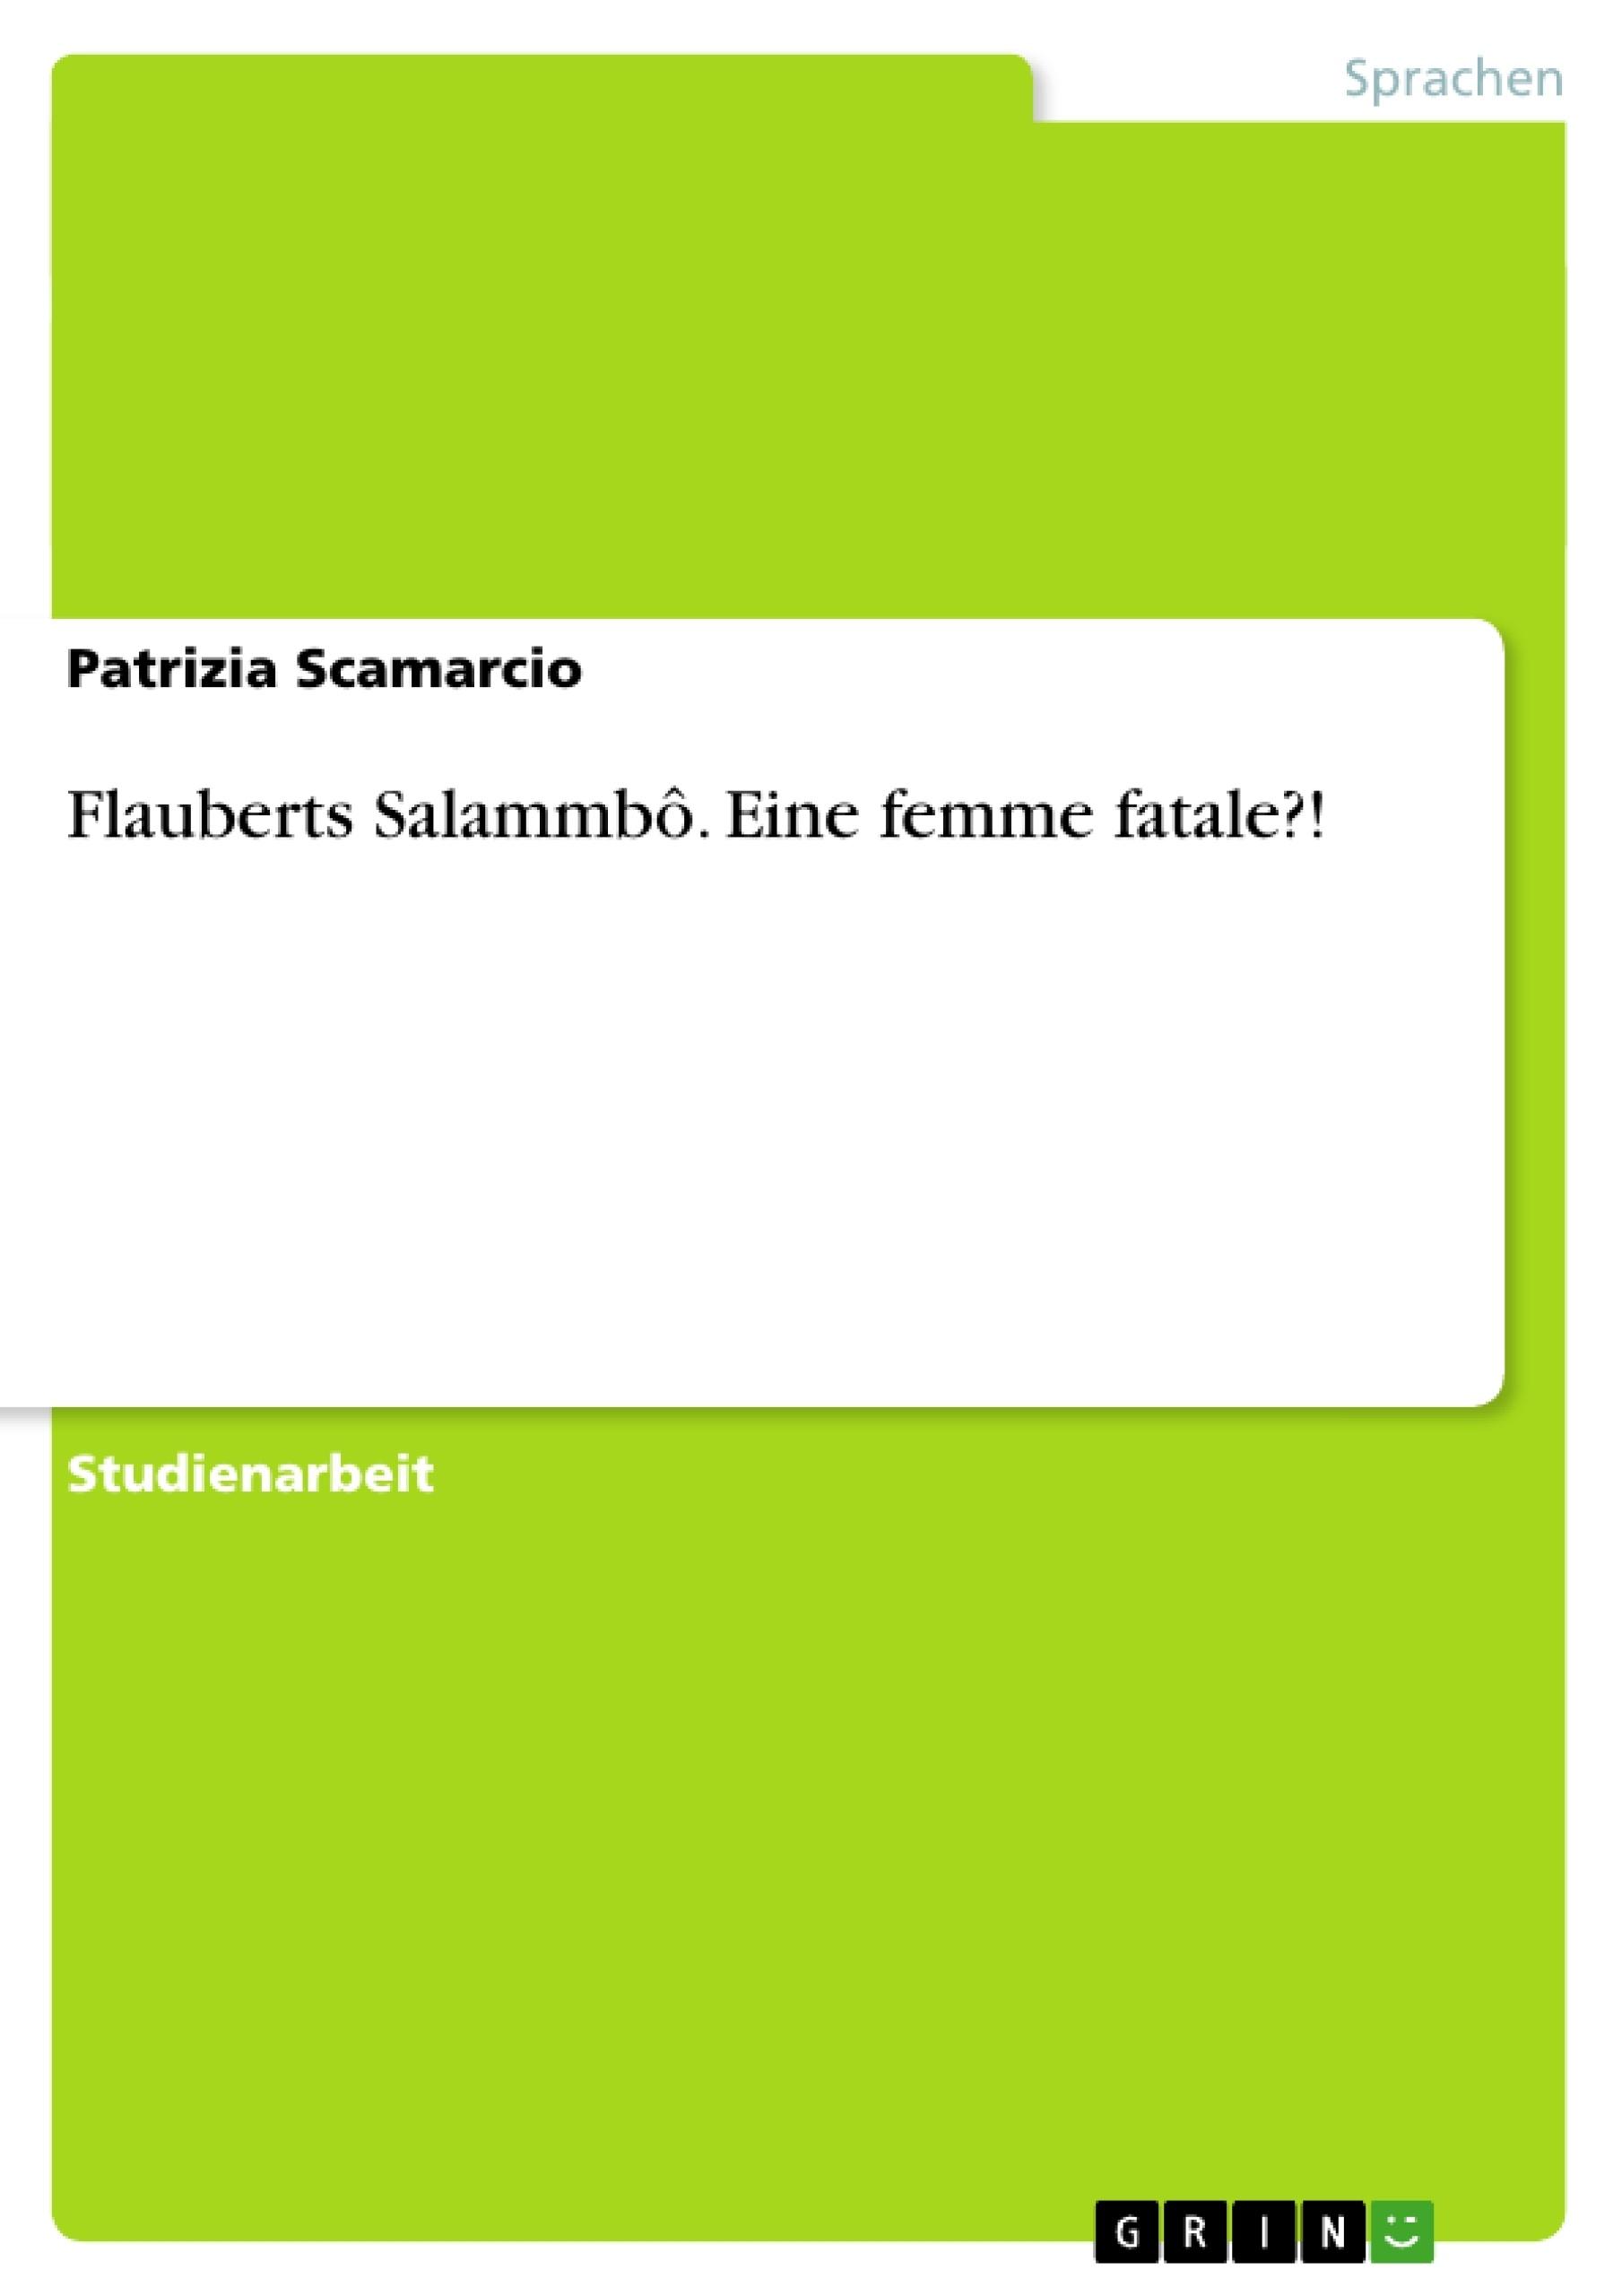 Titel: Flauberts Salammbô. Eine femme fatale?!